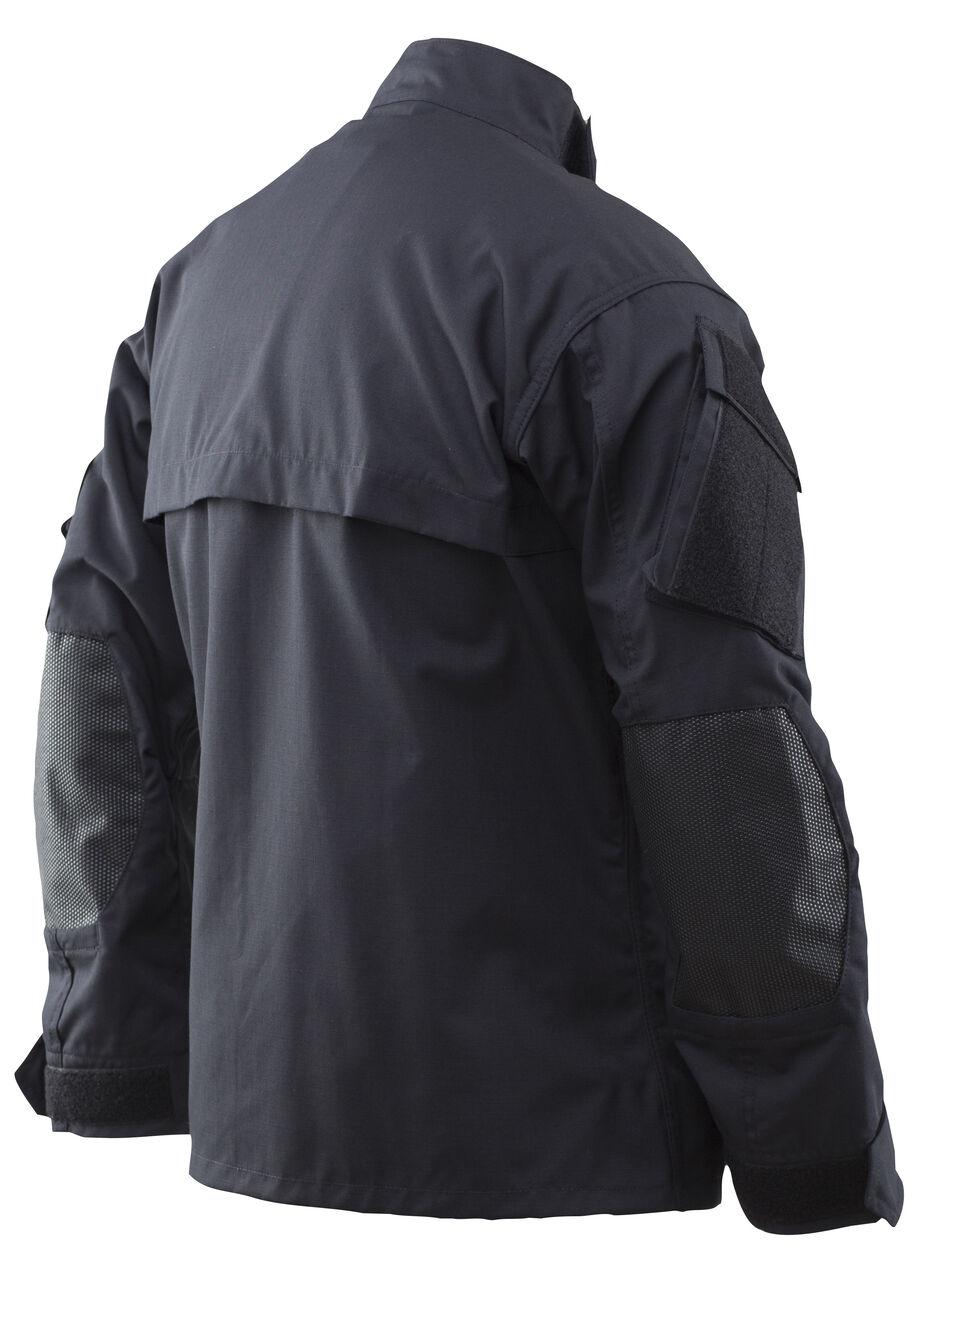 Tru-Spec TRU XTREME Uniform Shirt, Black, hi-res